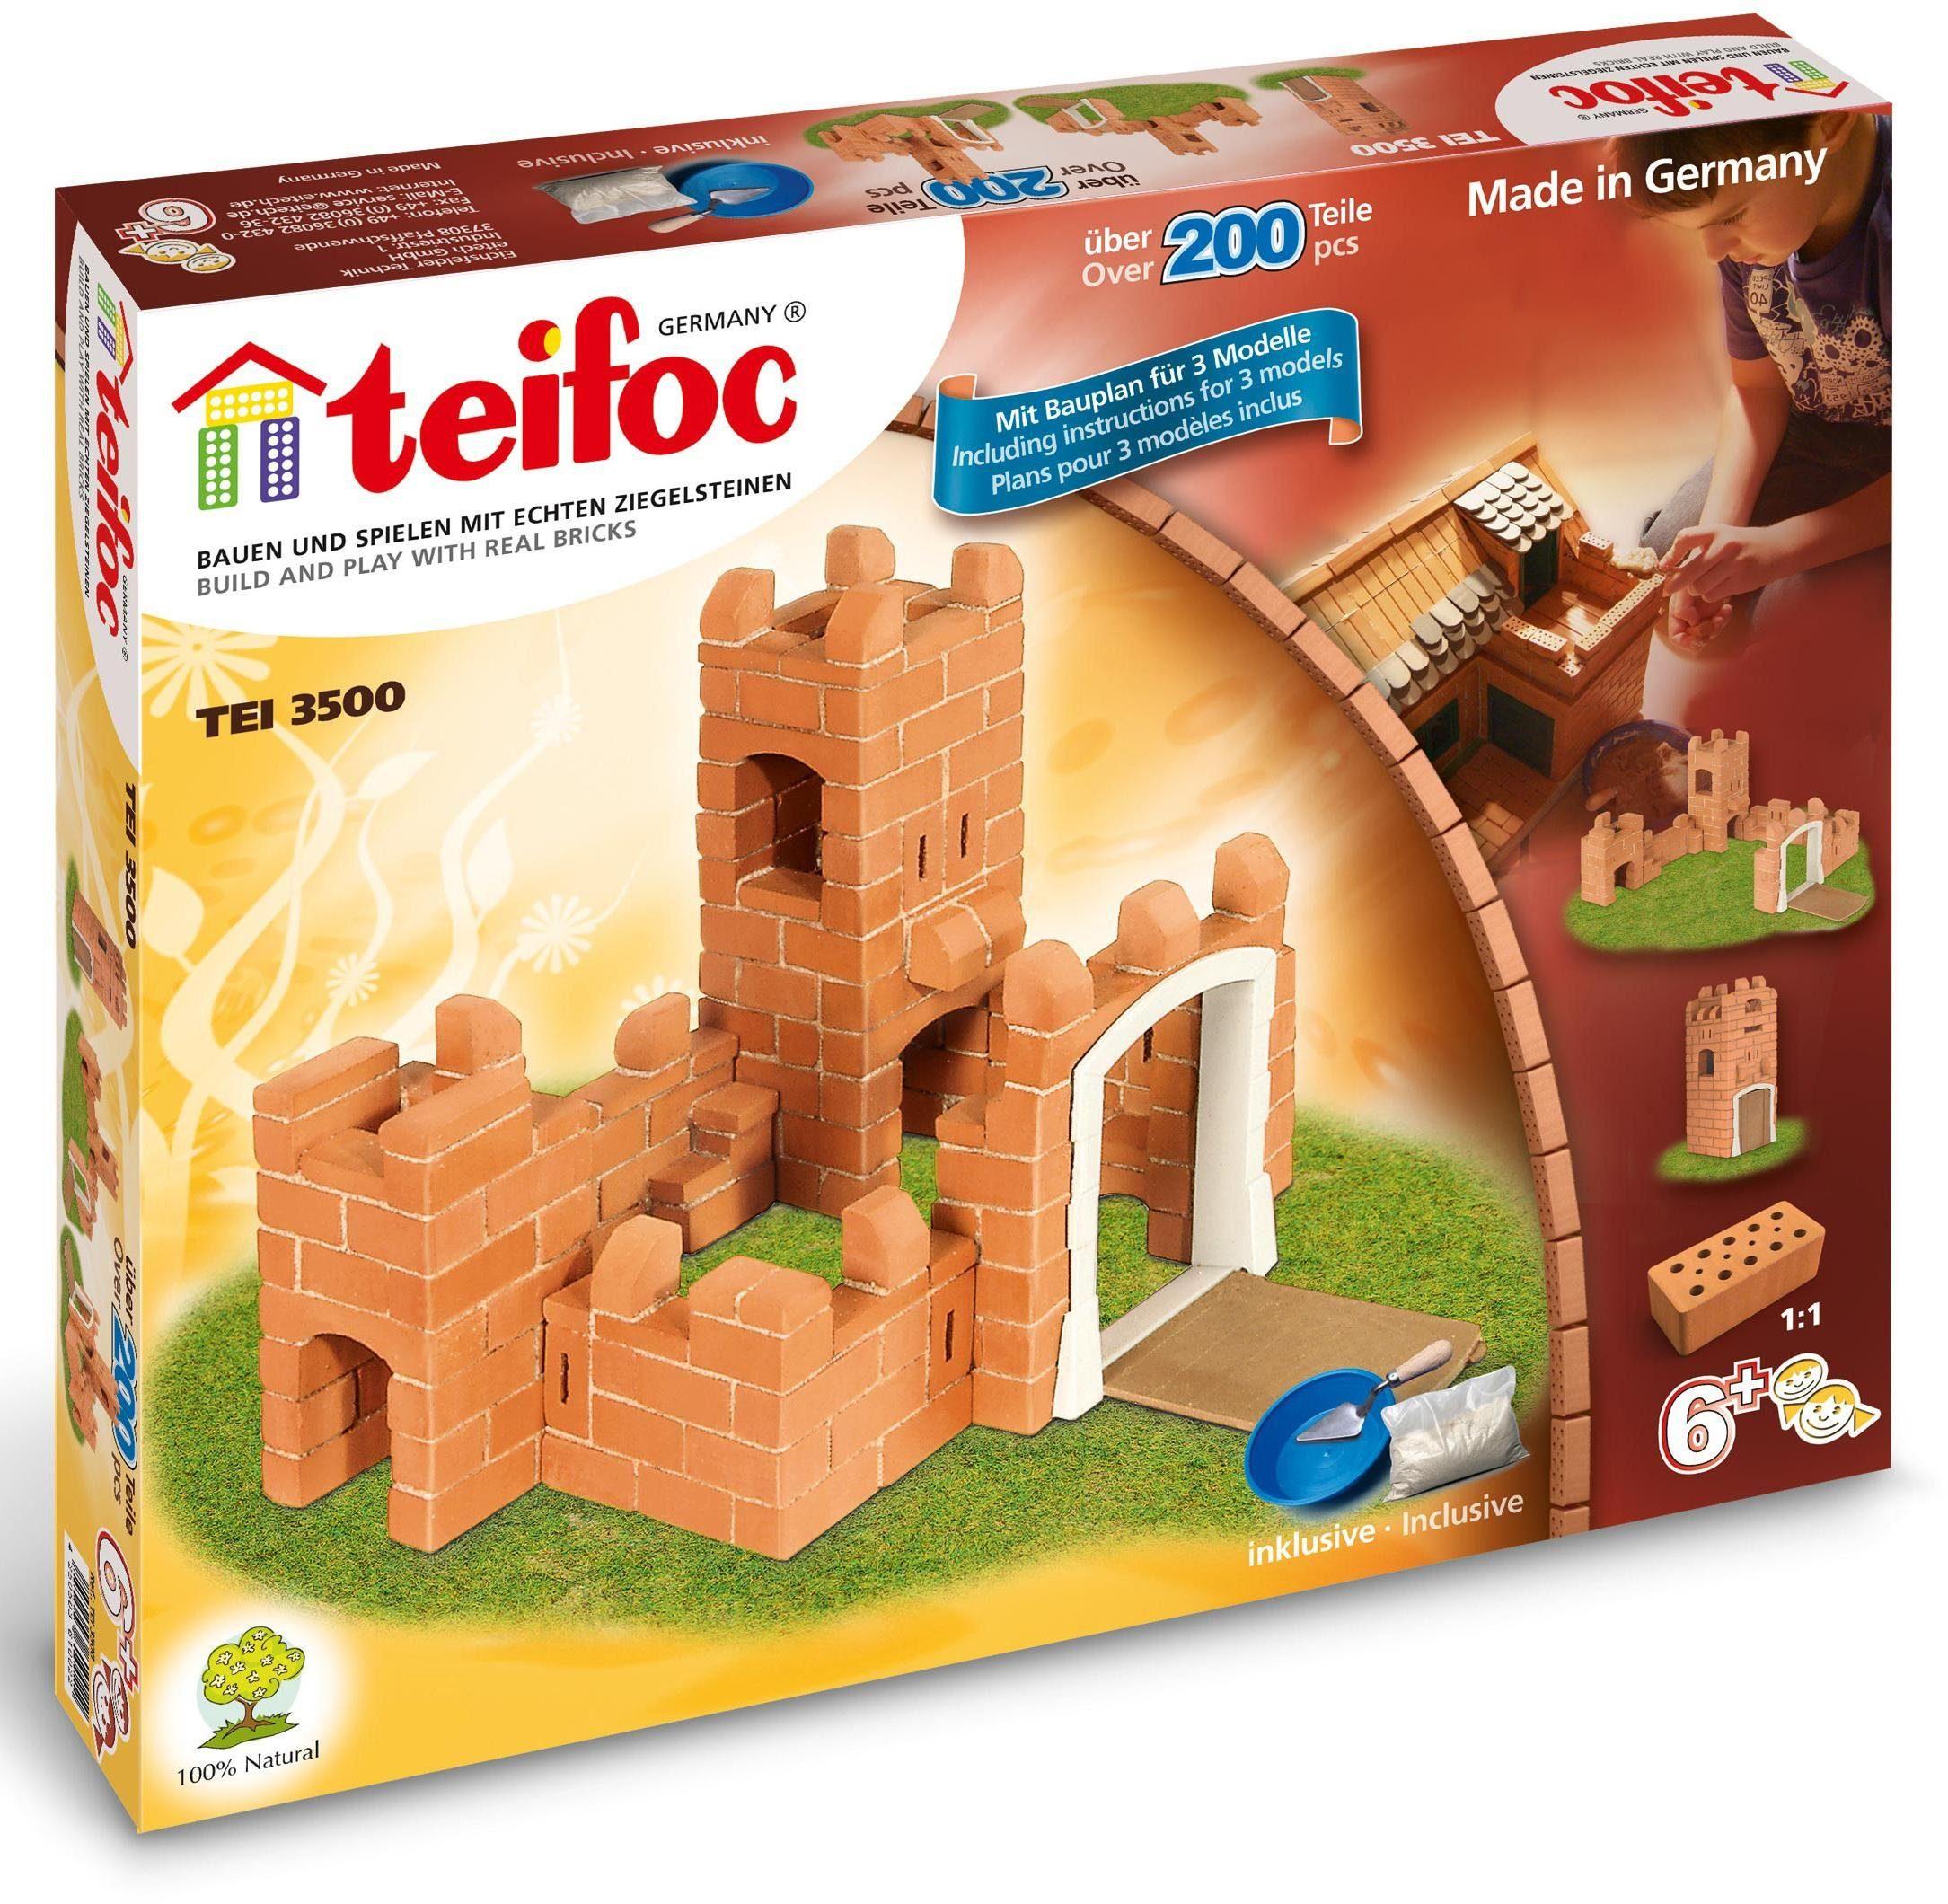 Baukästen & Konstruktion Teifoc Bausteine gemischt